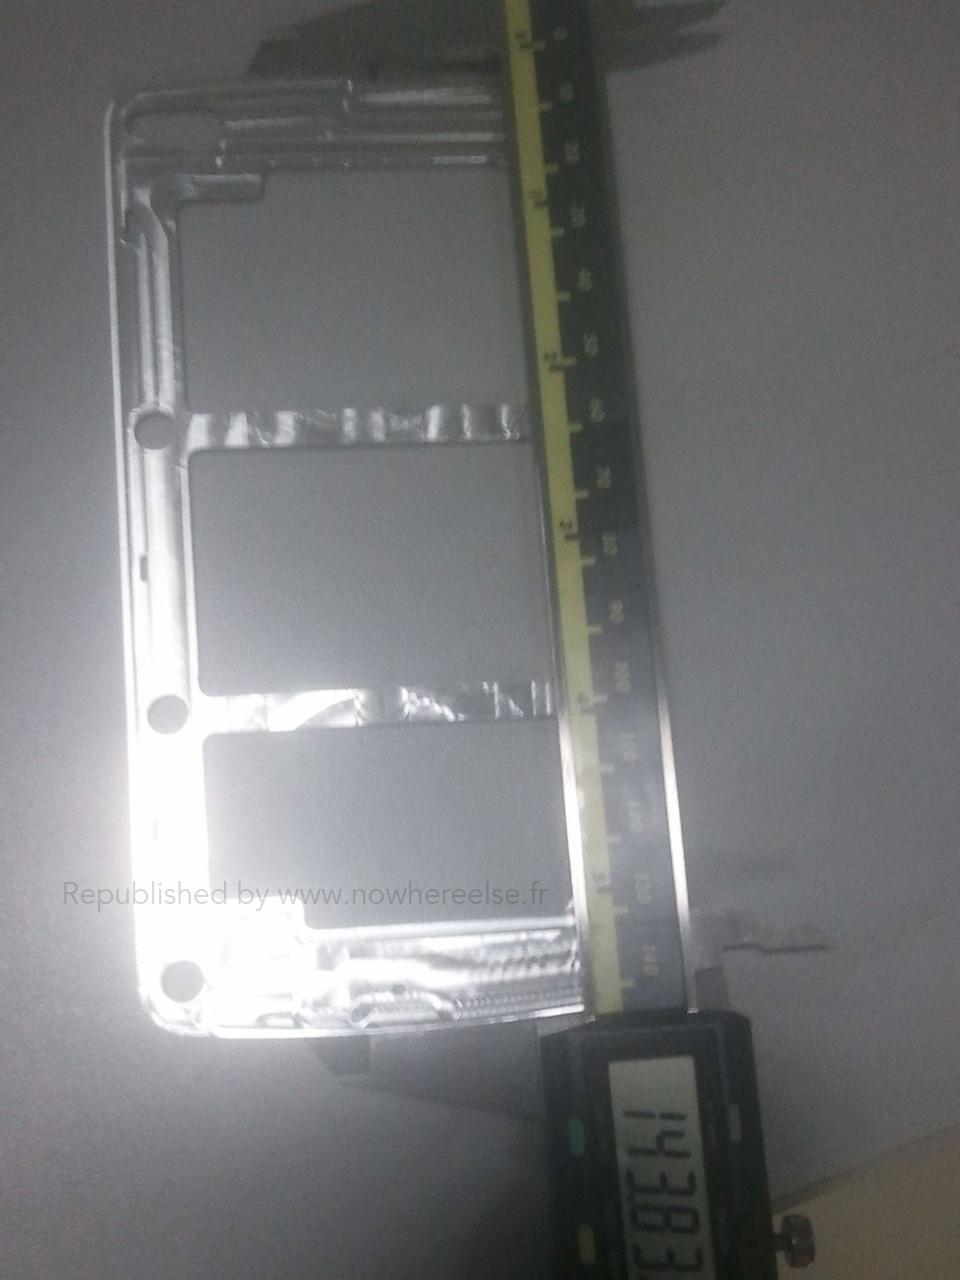 Фото Samsung Galaxy S5 попали в сеть